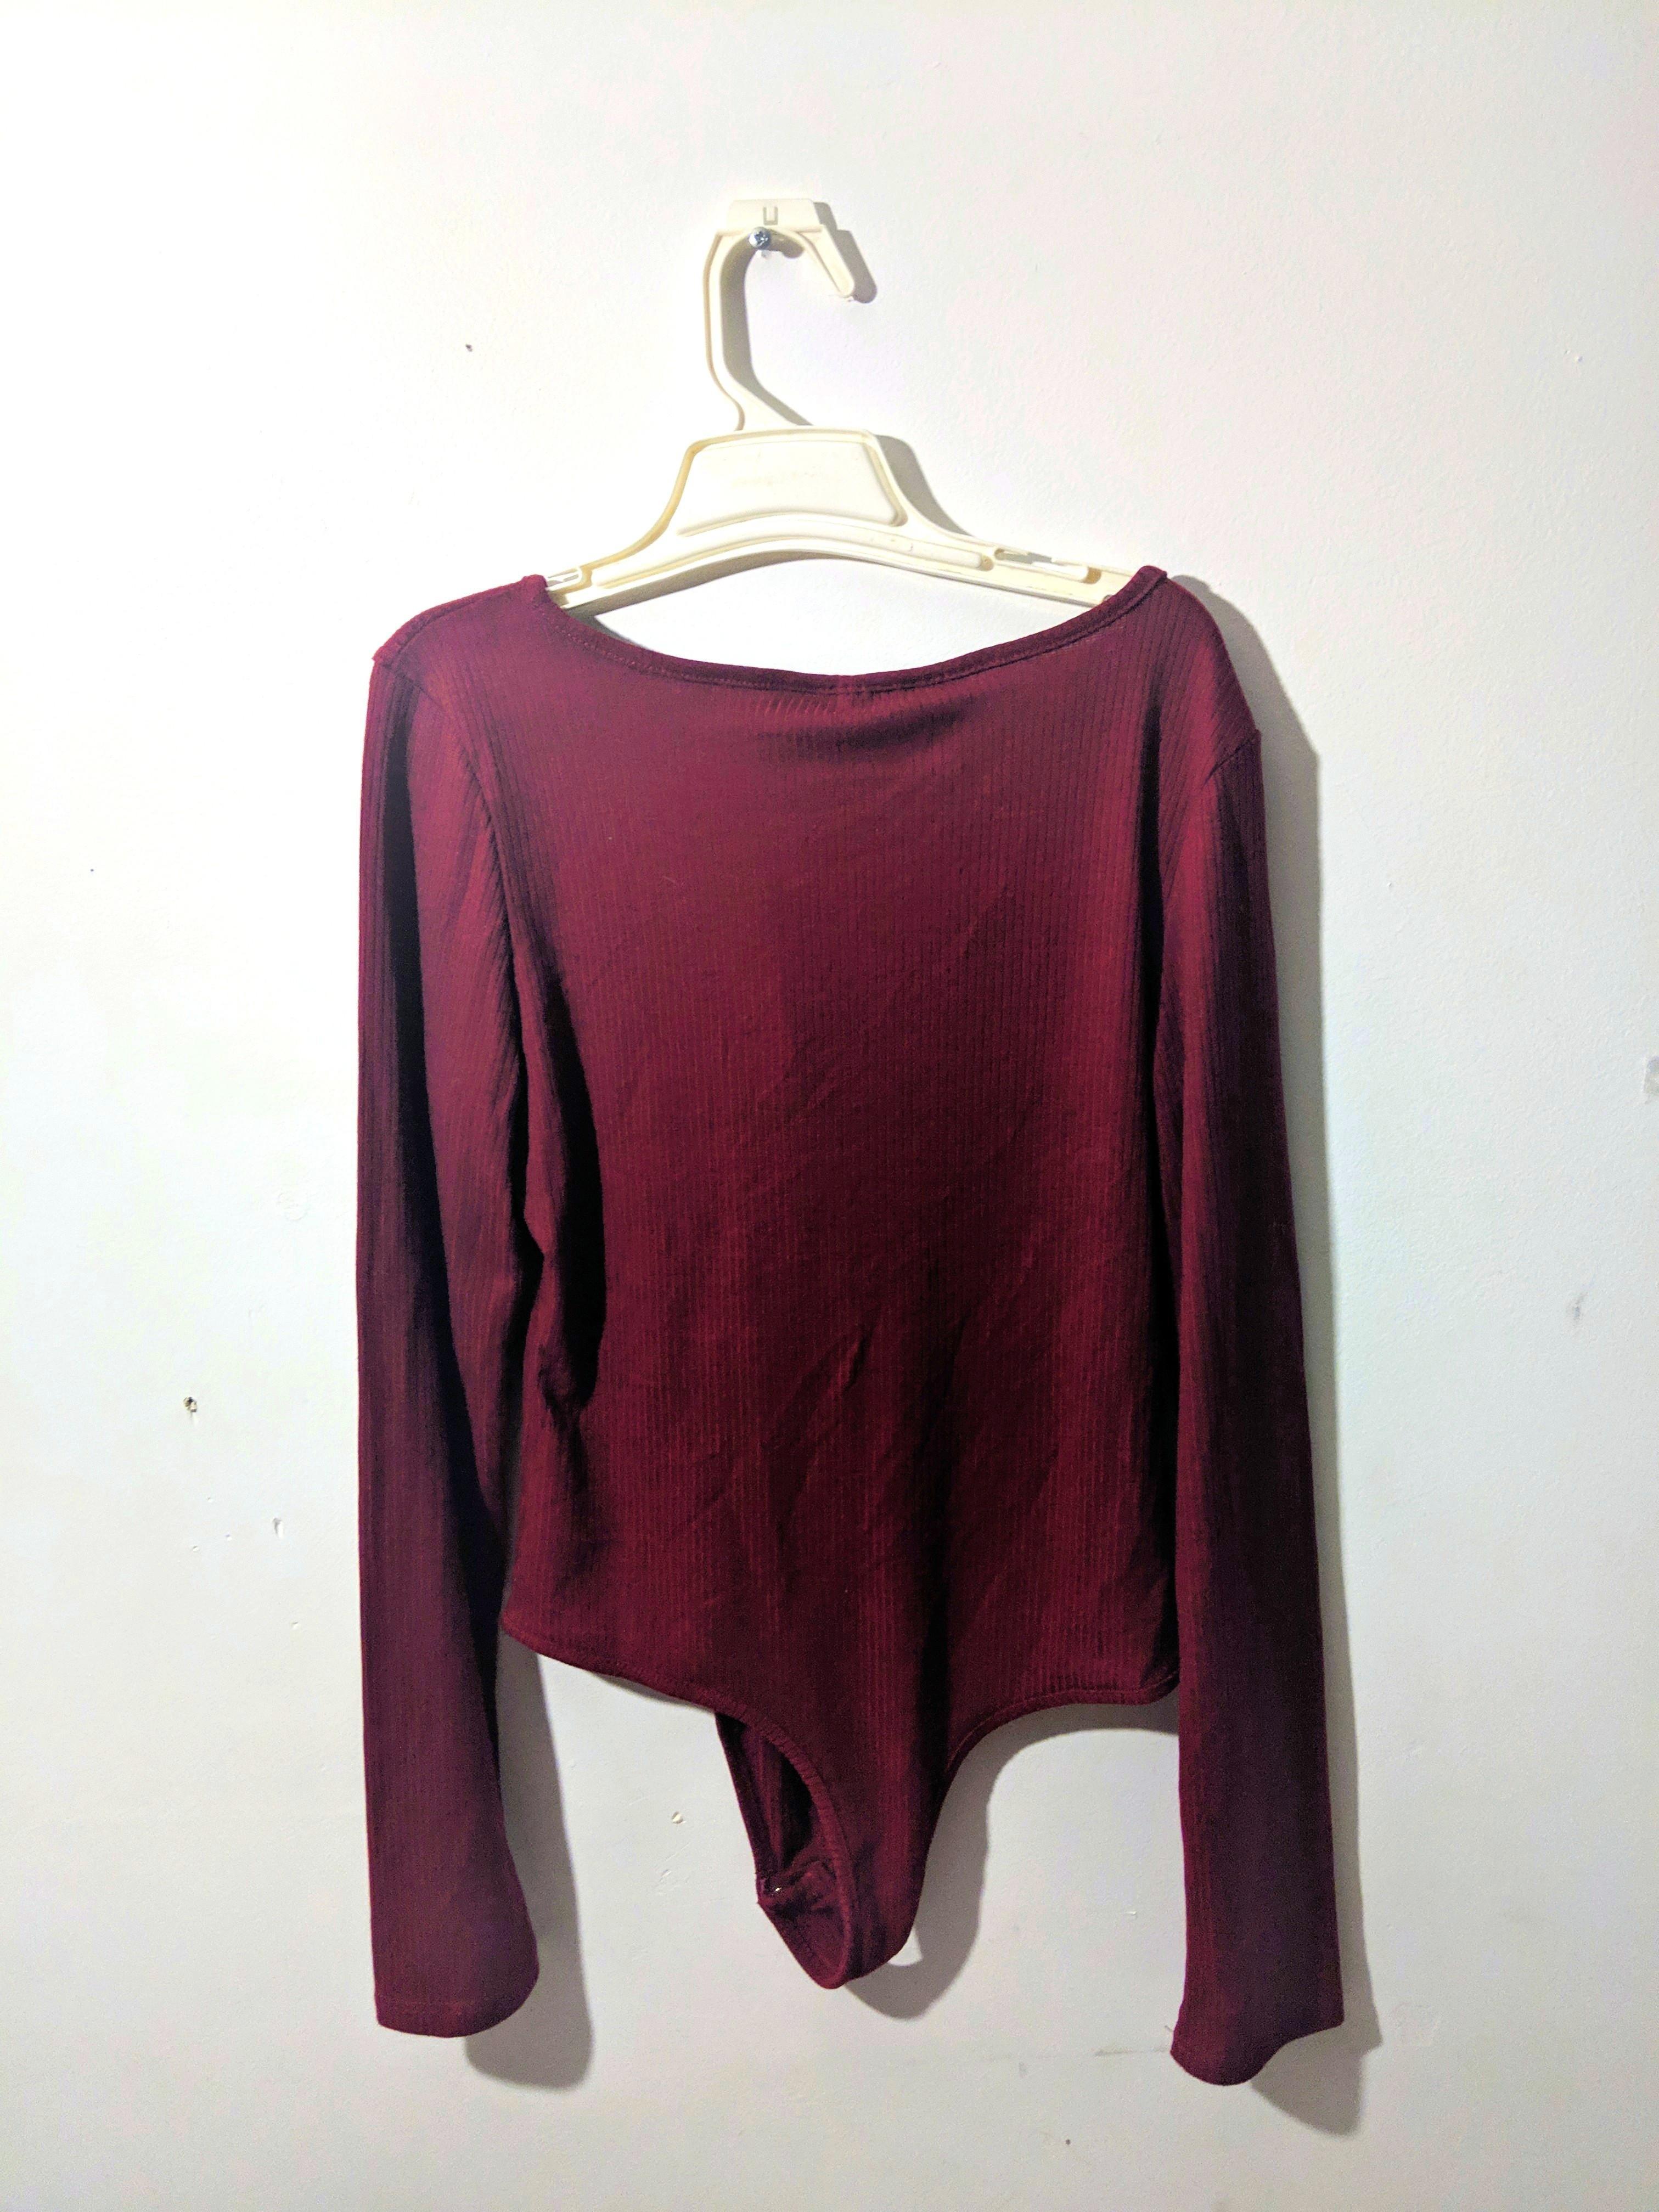 BodySuit Long-Sleeve